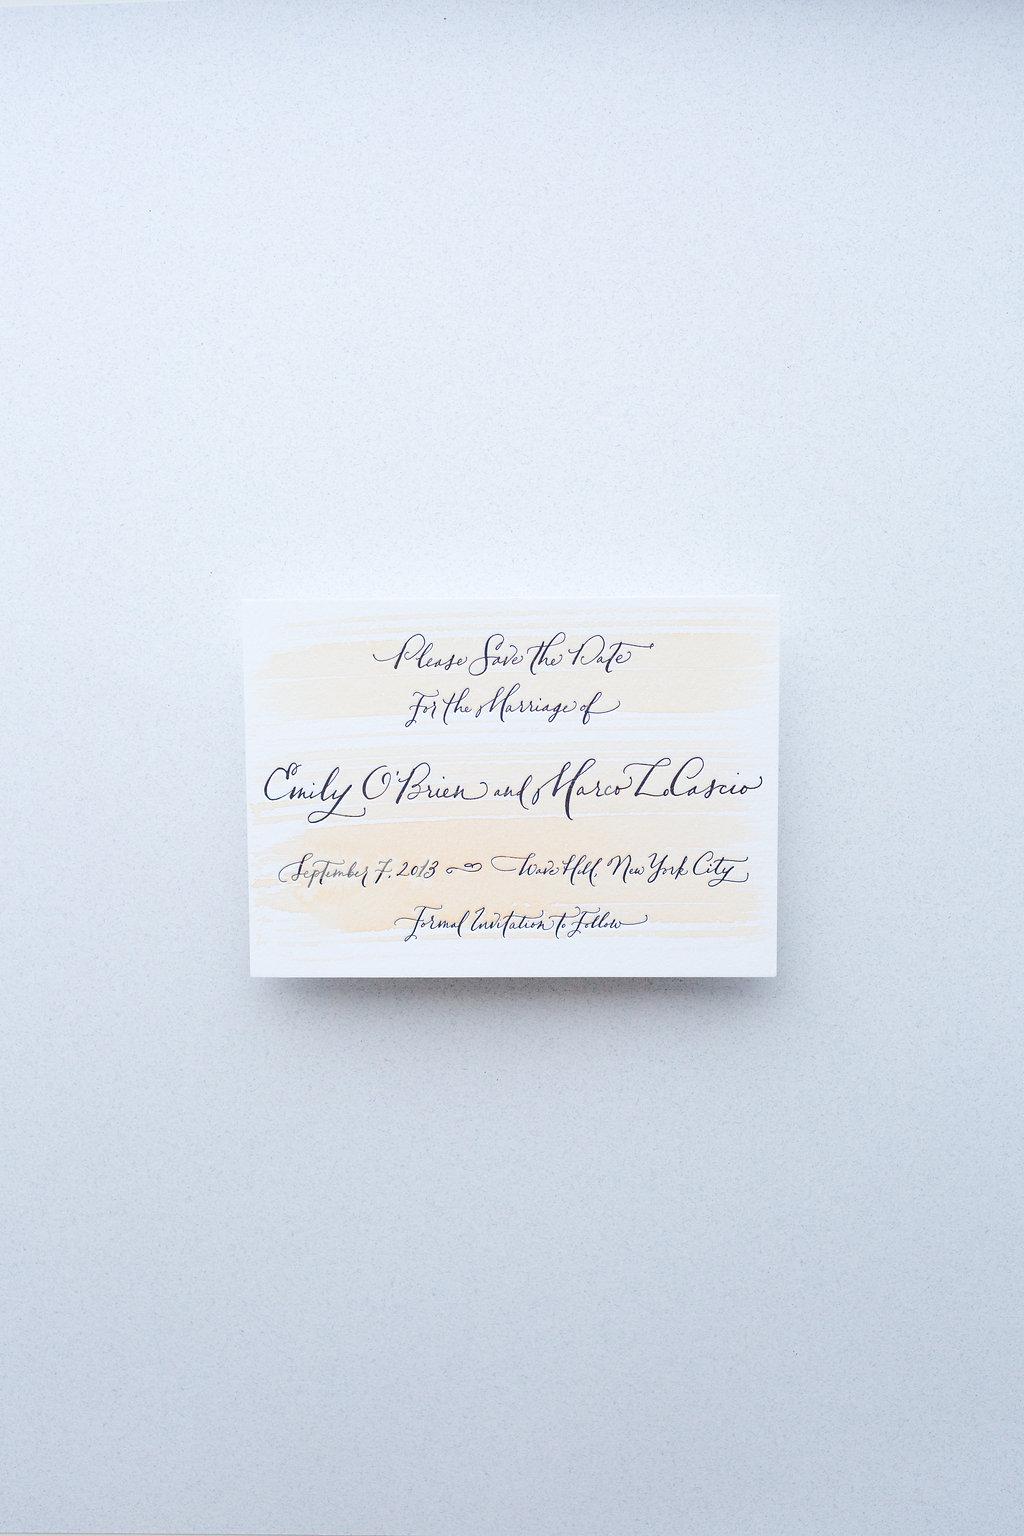 paperfinger-savethedate-emilymarco.jpg